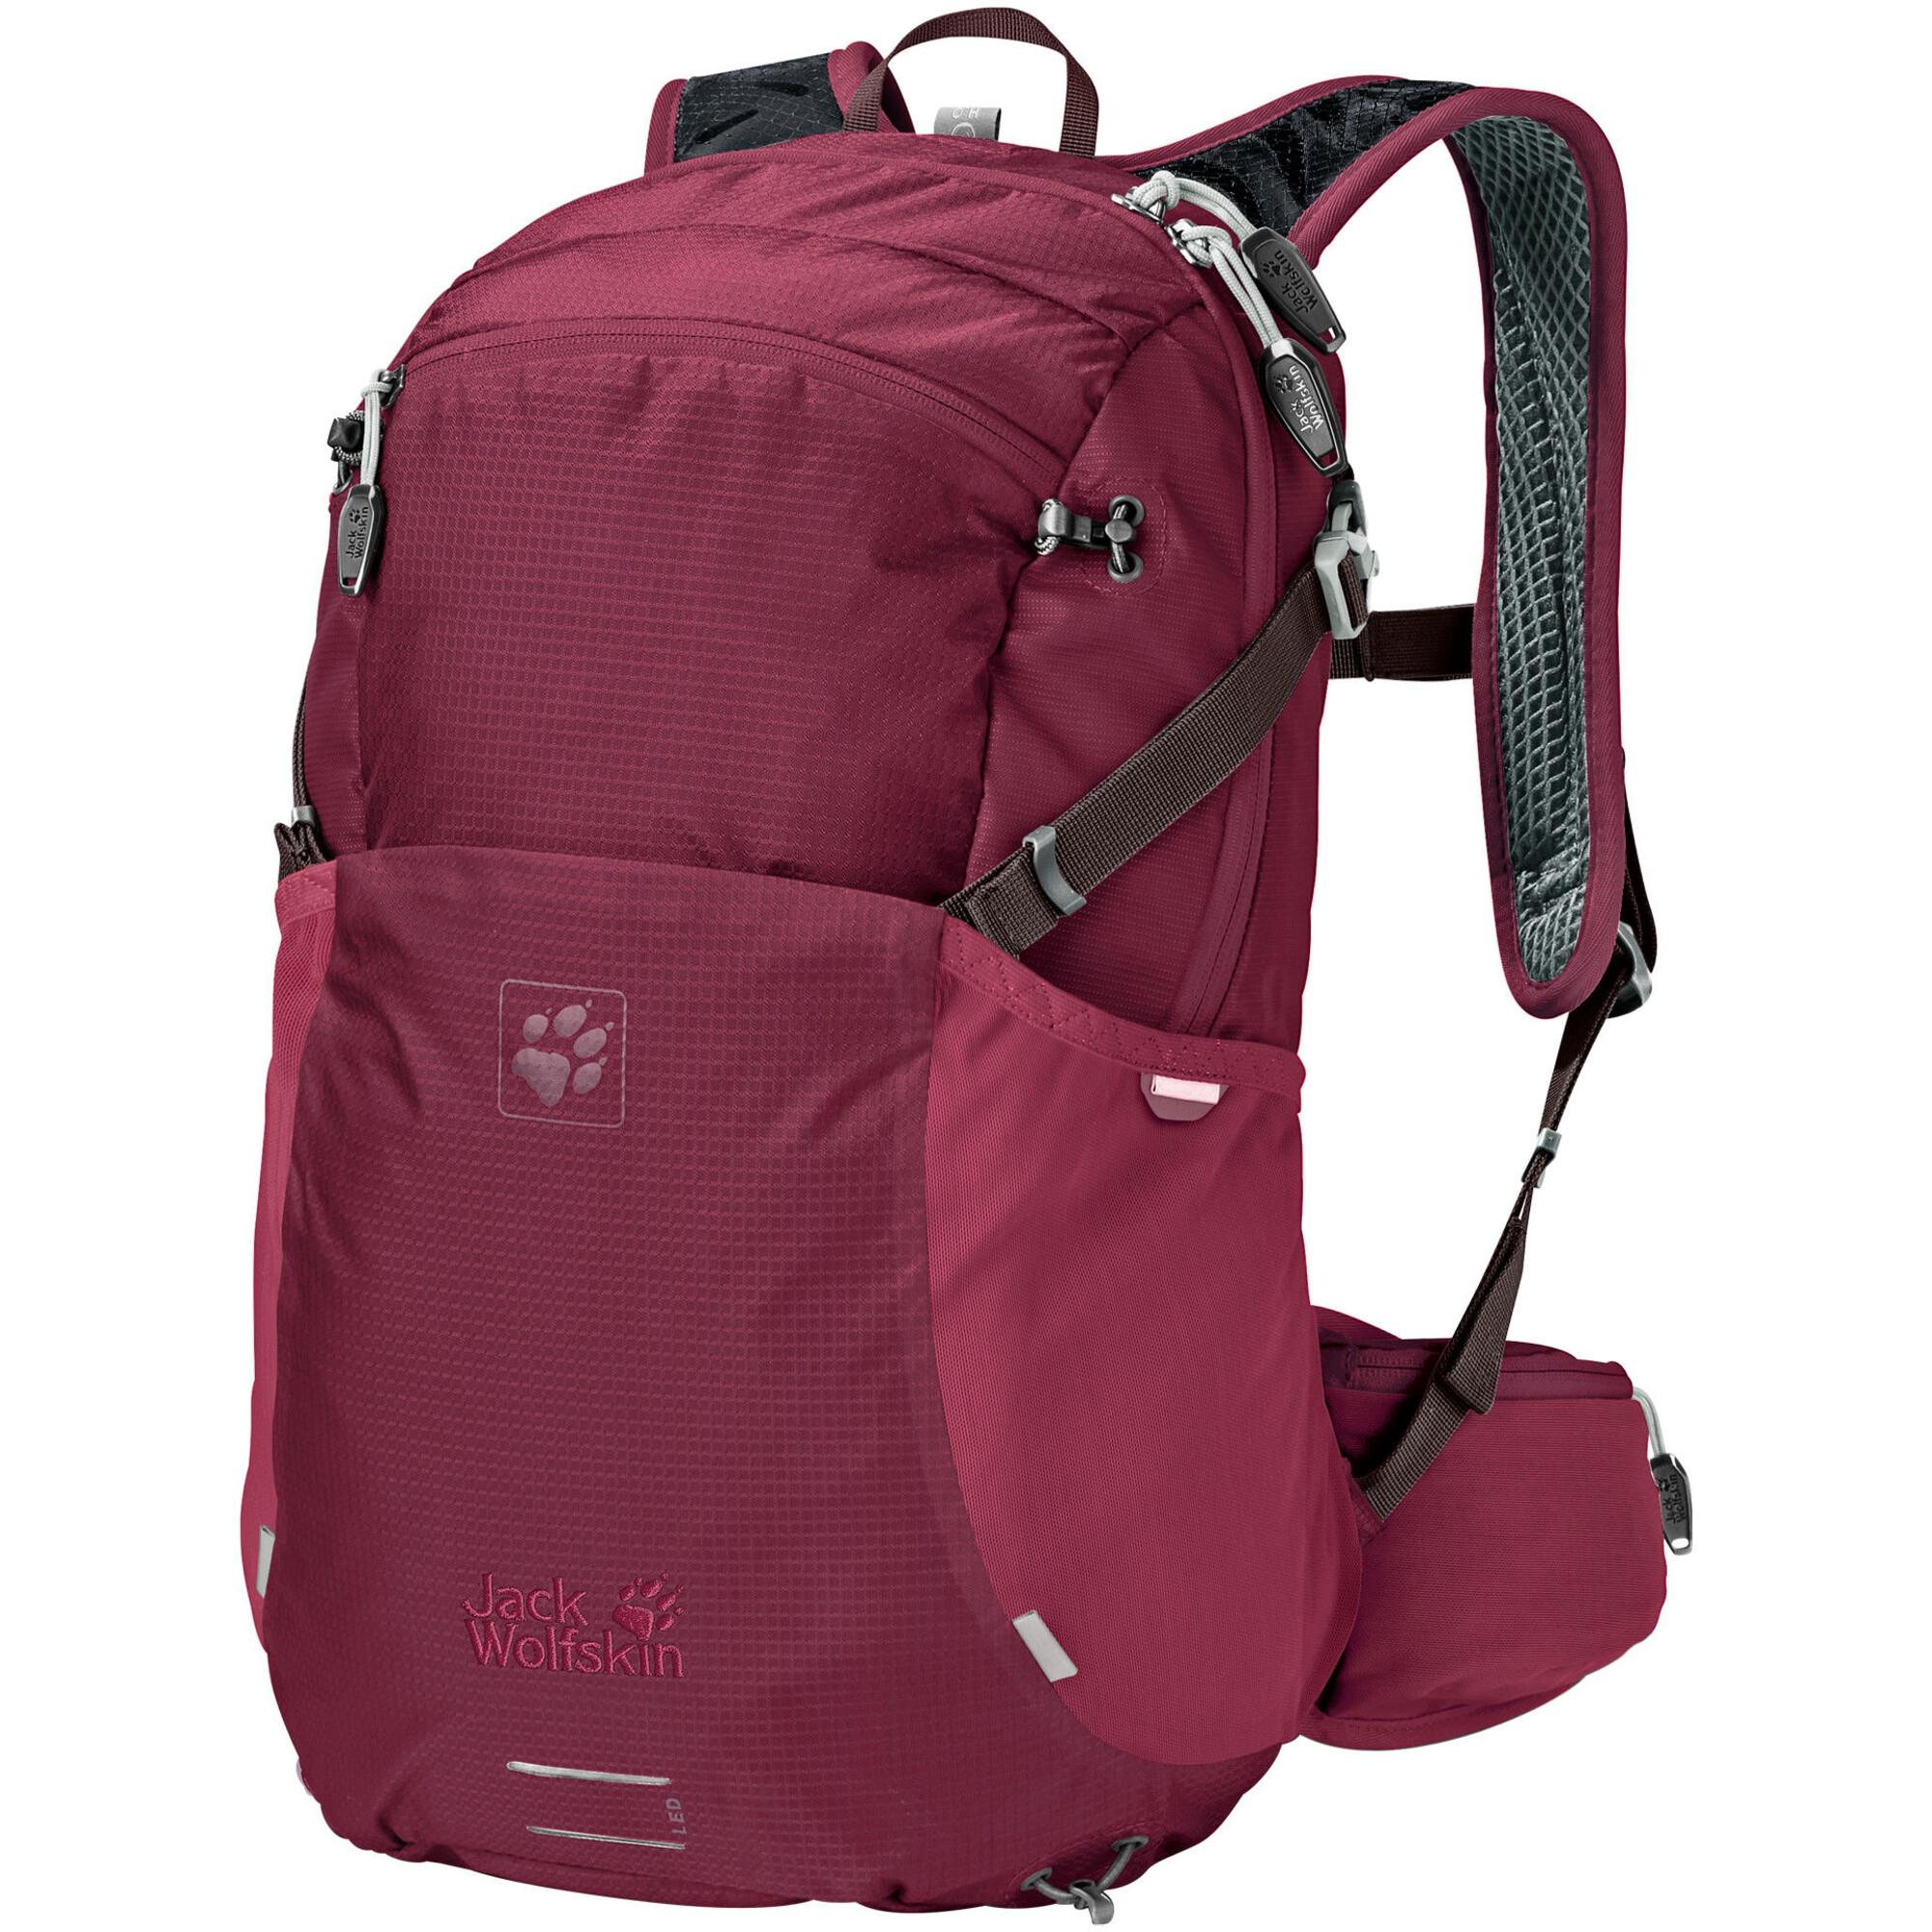 jack wolfskin moab jam 18 backpack damen dark ruby. Black Bedroom Furniture Sets. Home Design Ideas